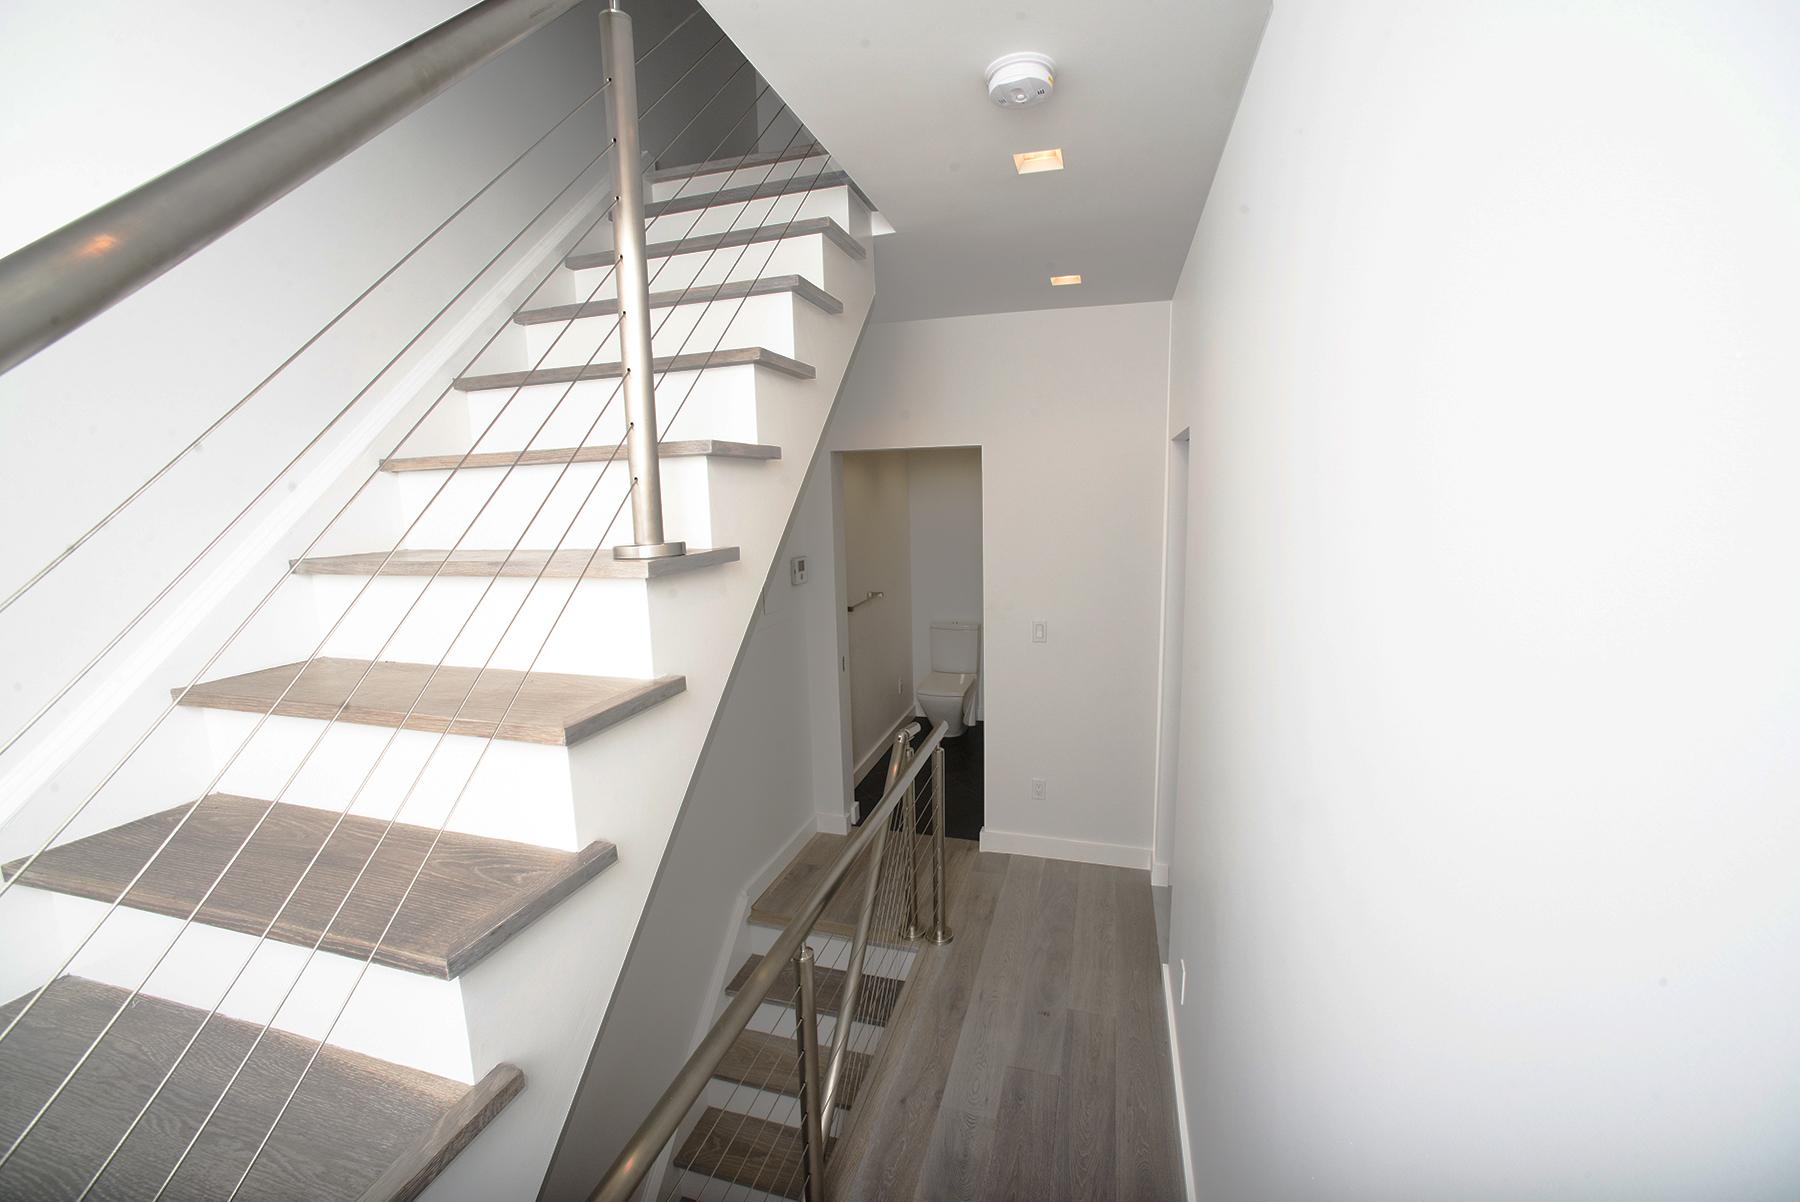 Beekman_2nd Floor_004 hallway.jpg